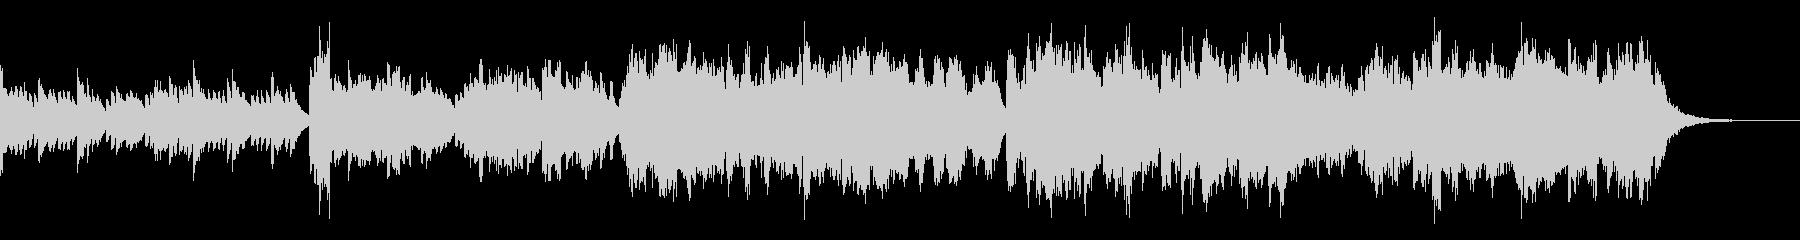 暗いピアノとヴァイオリンBGMの未再生の波形